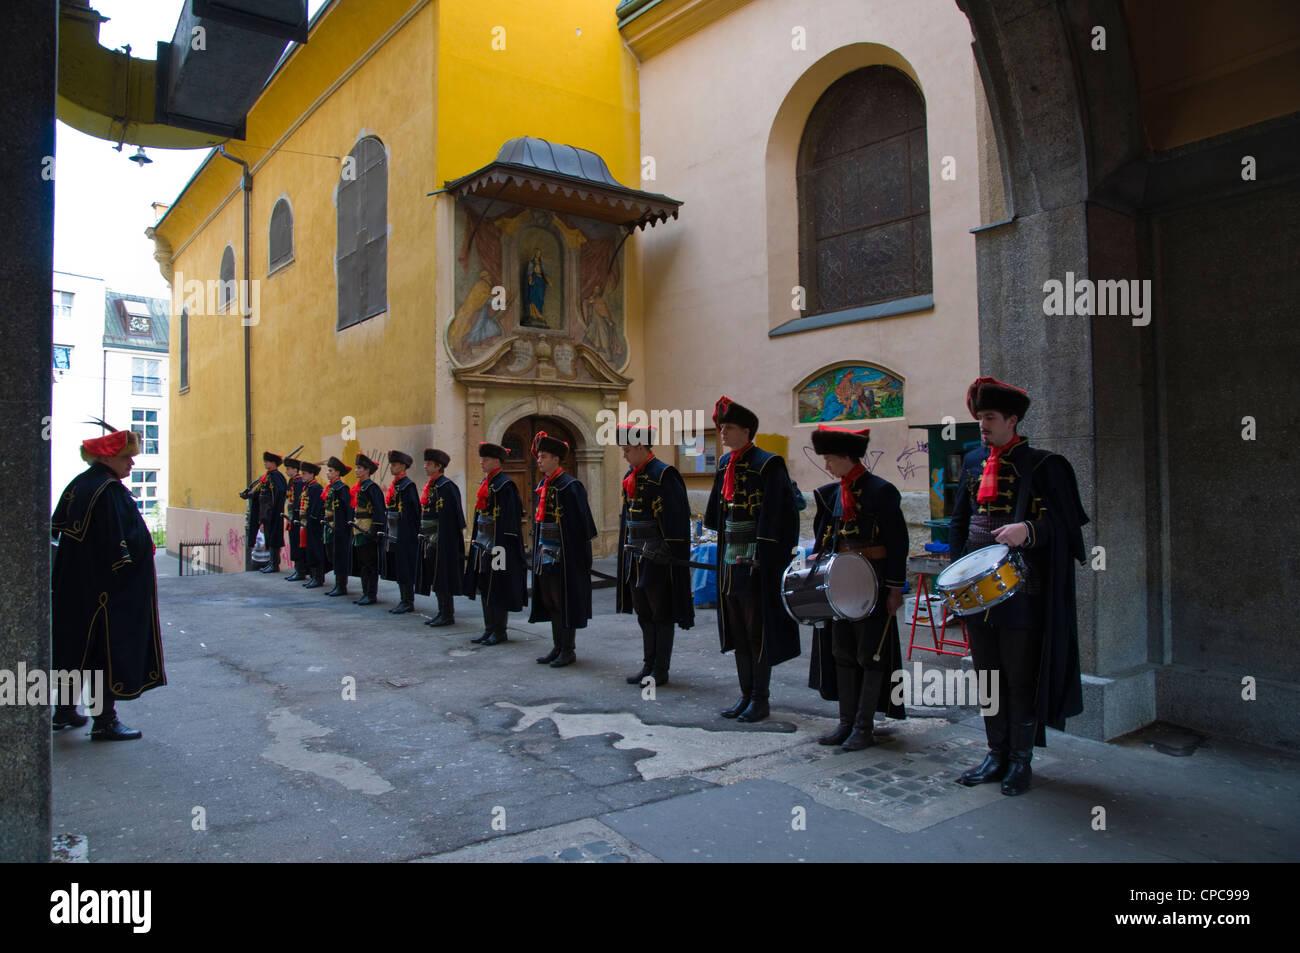 Sabato mattina modificare delle guardie del reggimento Kravat al mercato Dolac Zagabria Croazia Europa Immagini Stock